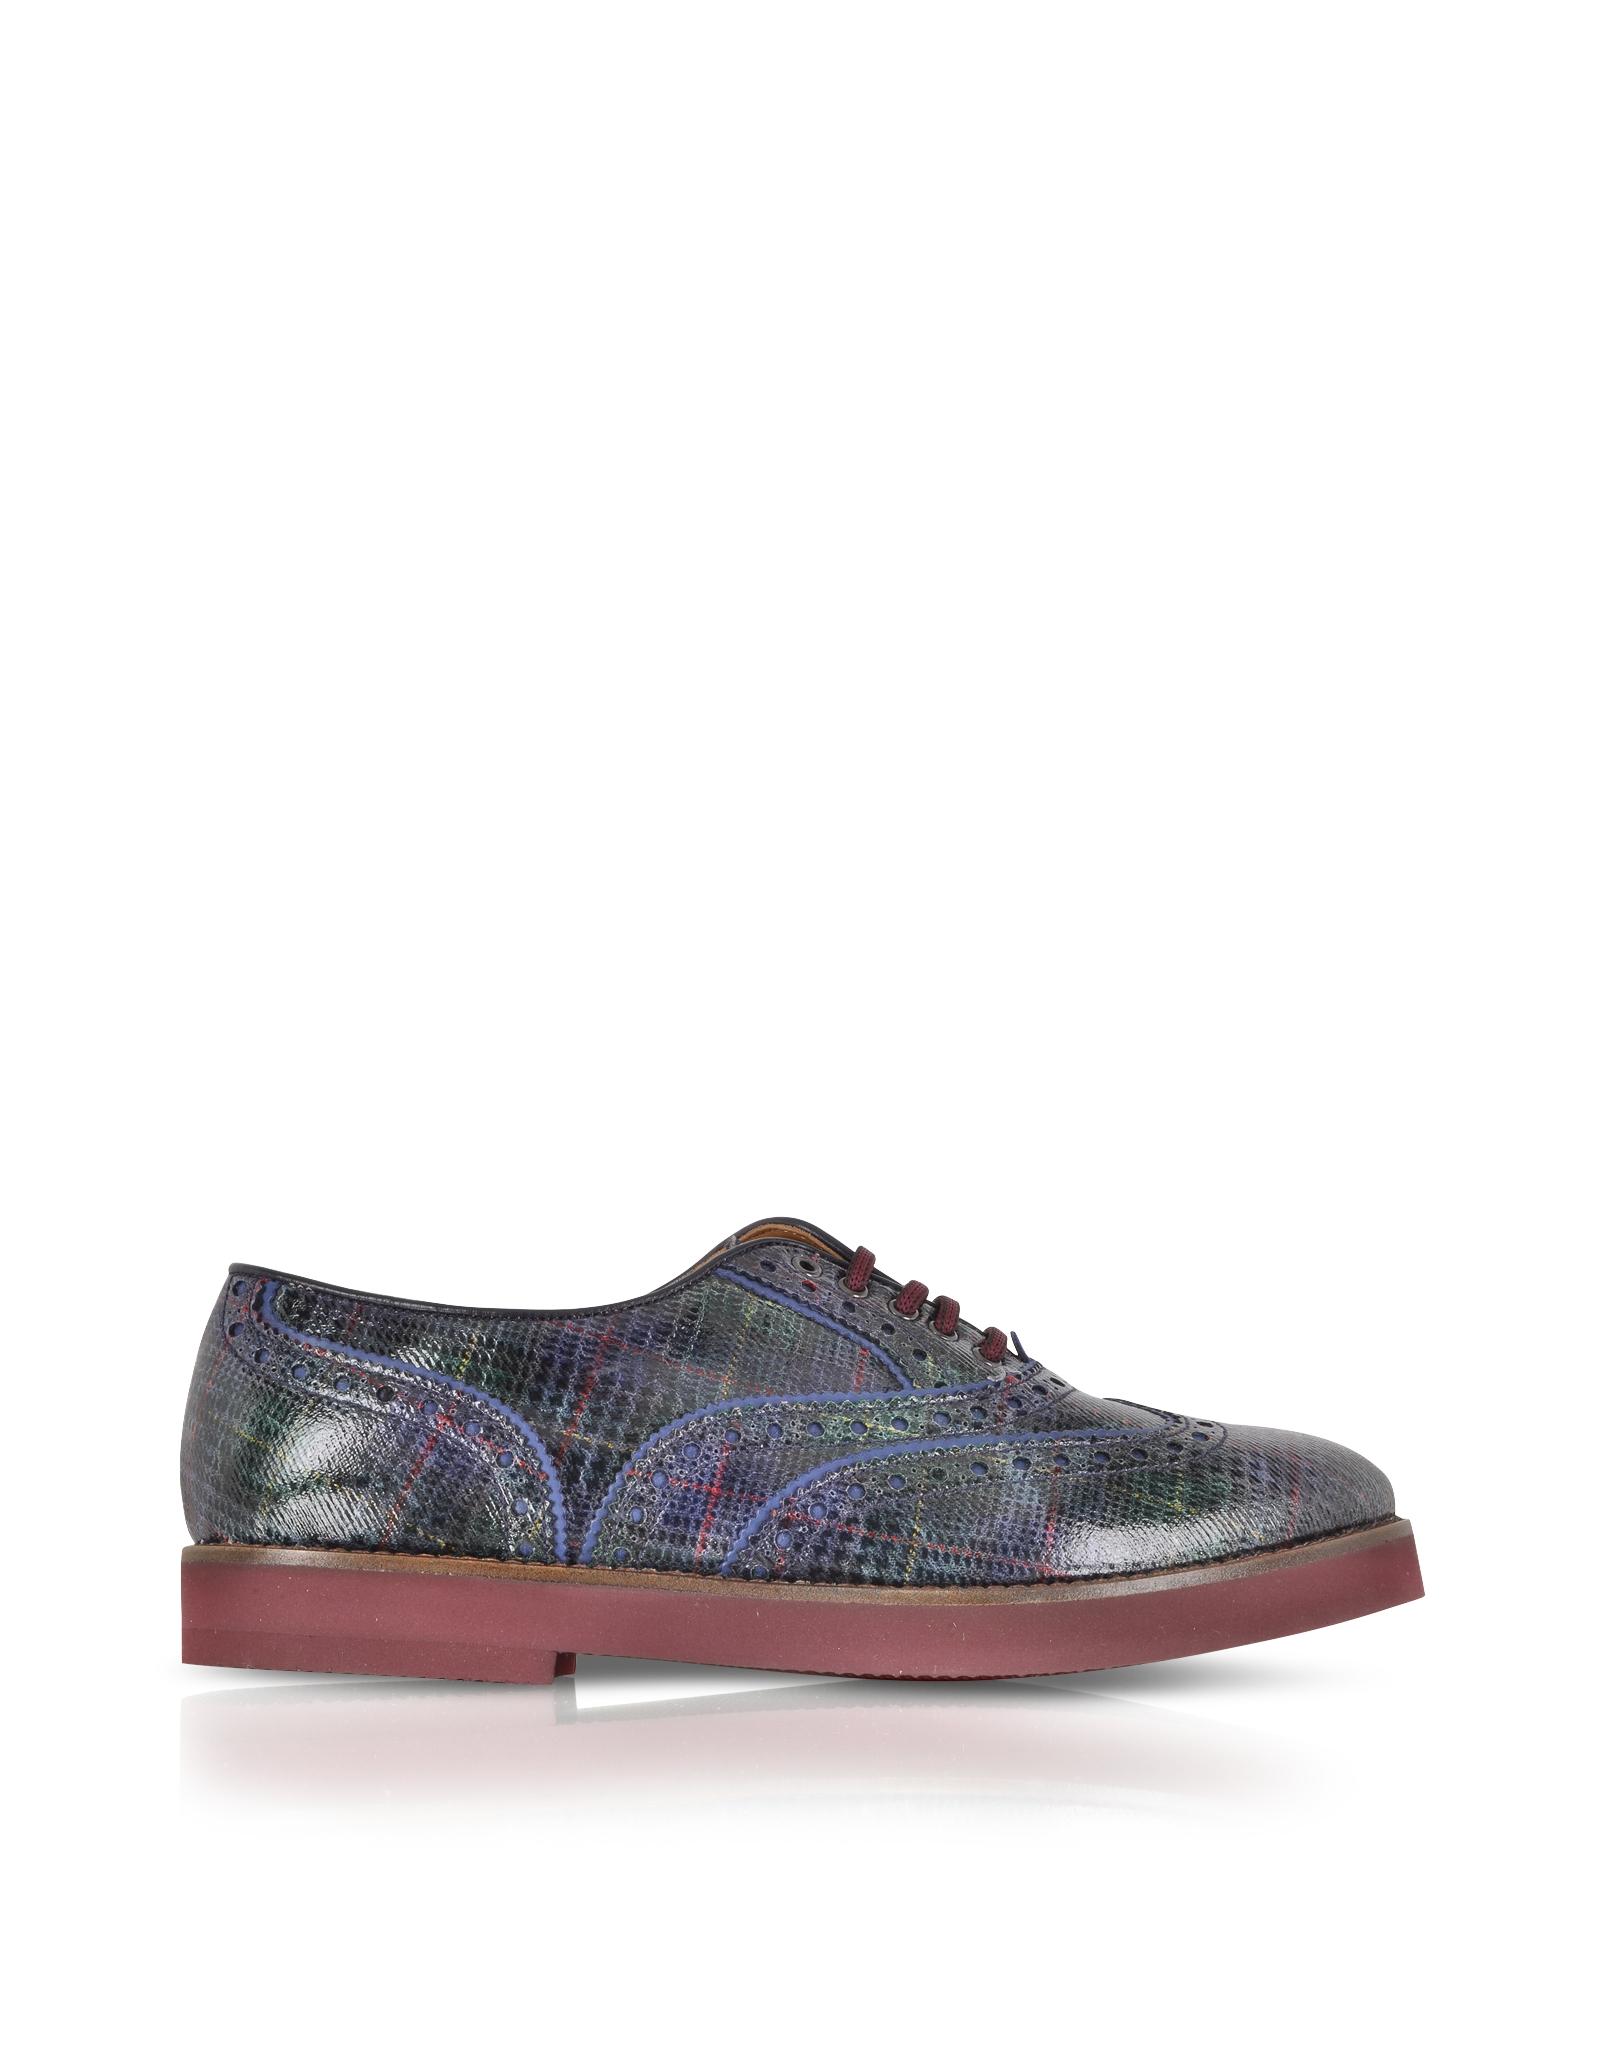 Kilt Shoe Lace Up